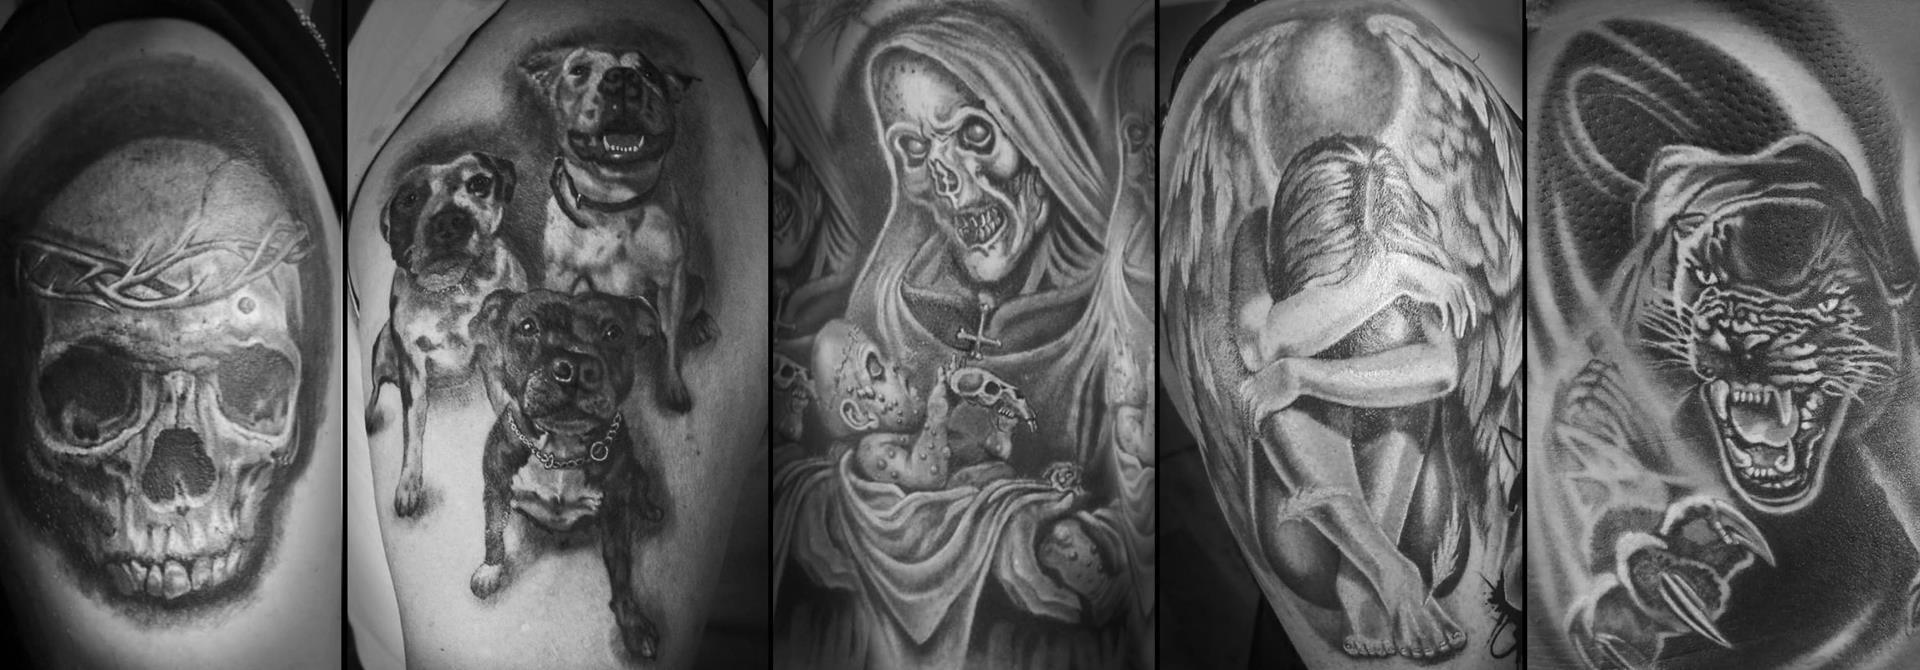 Tattoo Black Madonna